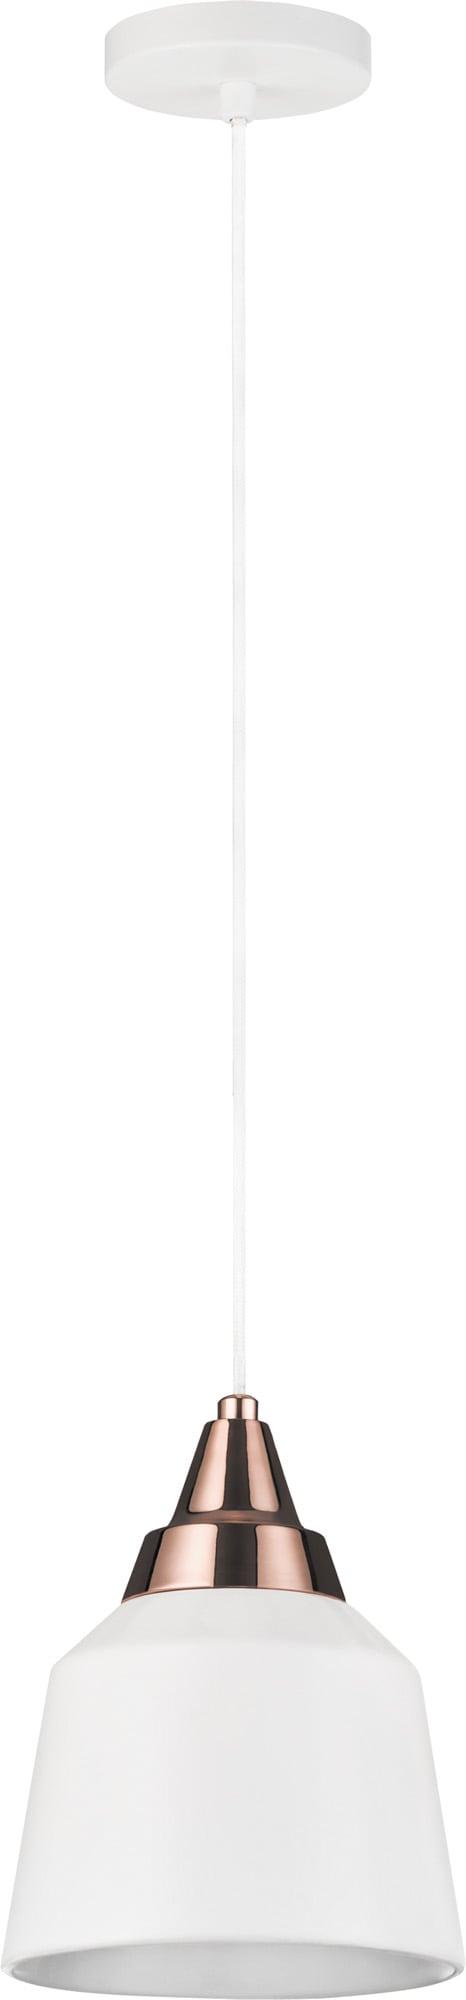 Szklana Lampa wisząca Yoko w kolorze bialym E27 60W